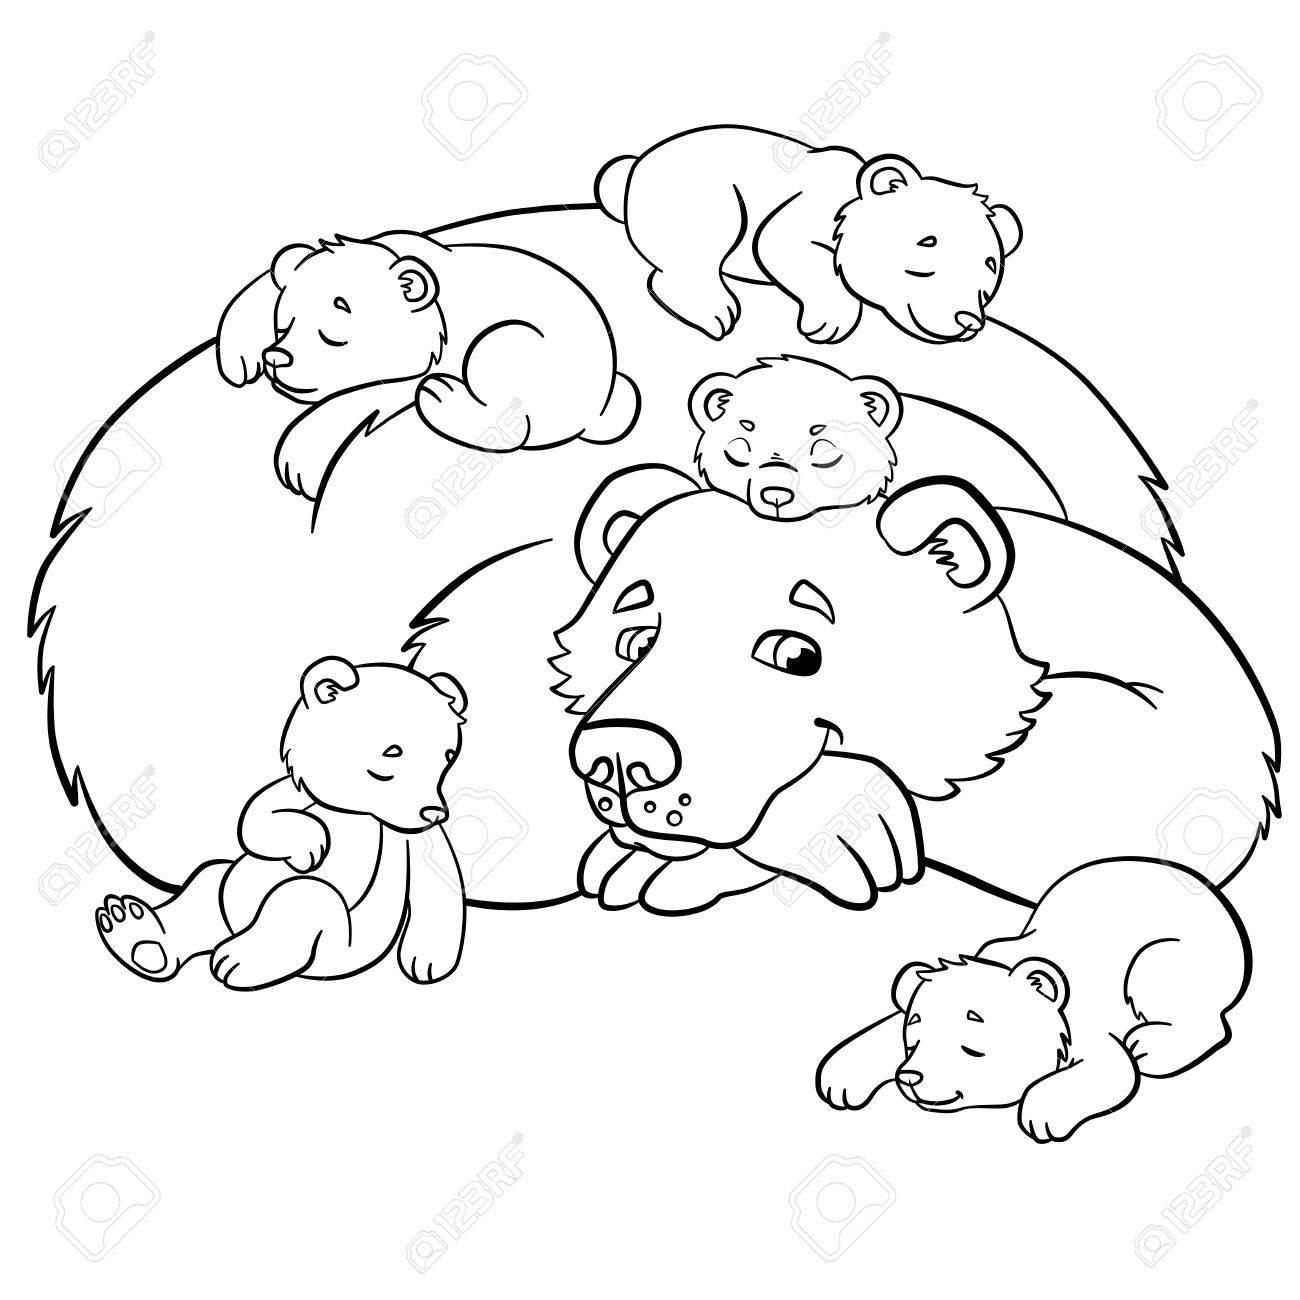 Malvorlagen Wilde Tiere Mit Freundlichen Bär Schaut Kleinen